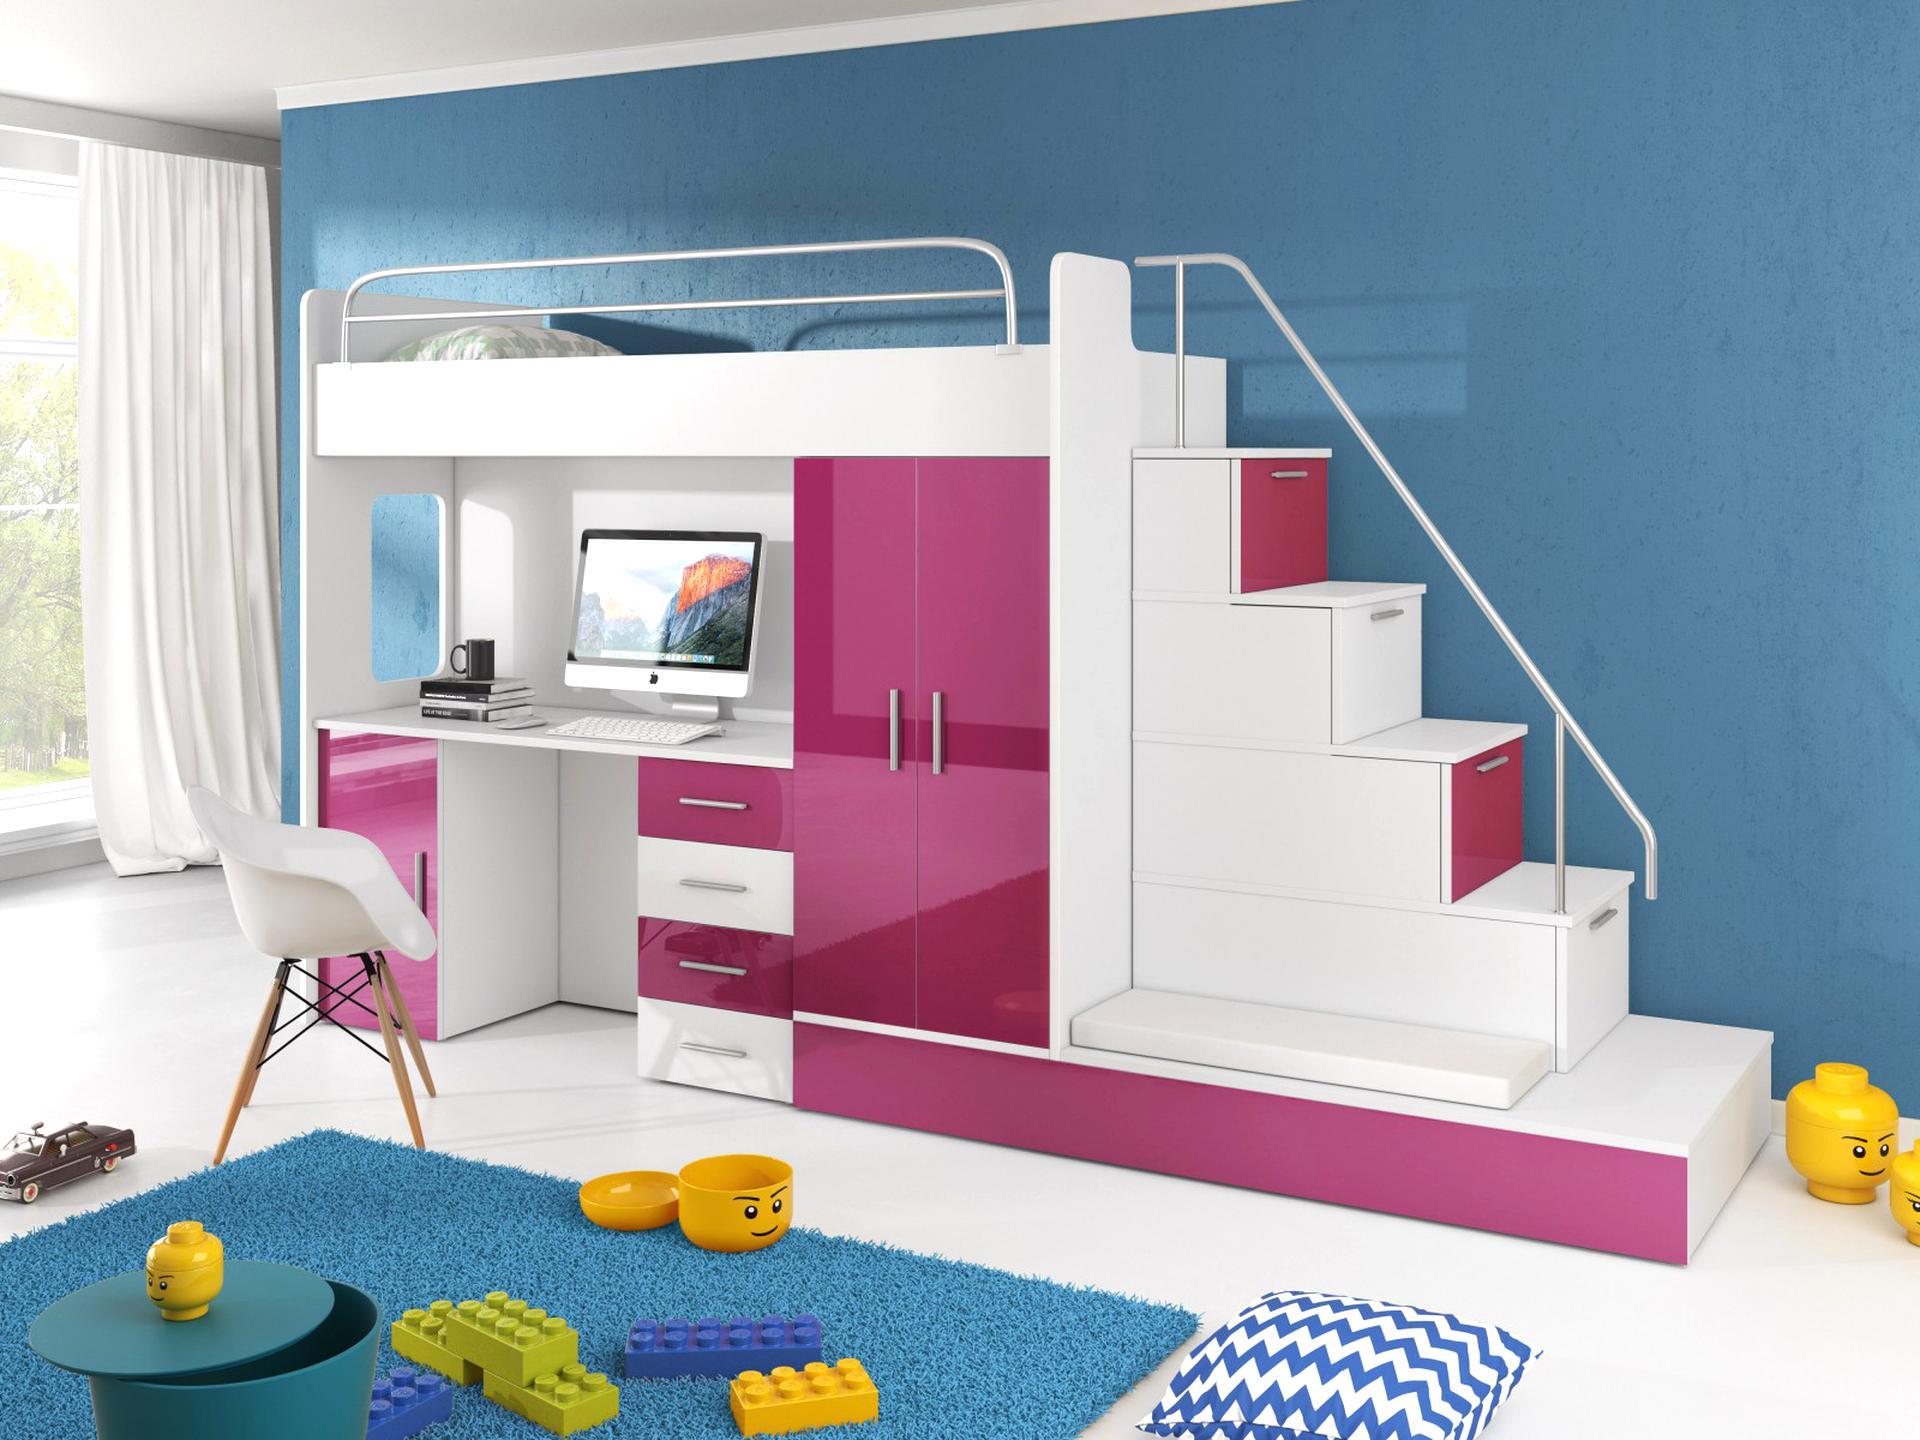 Full Size of Kinderzimmer Hochbett Gebraucht Kaufen Nur 2 St Bis 70 Gnstiger Regale Regal Weiß Sofa Kinderzimmer Kinderzimmer Hochbett